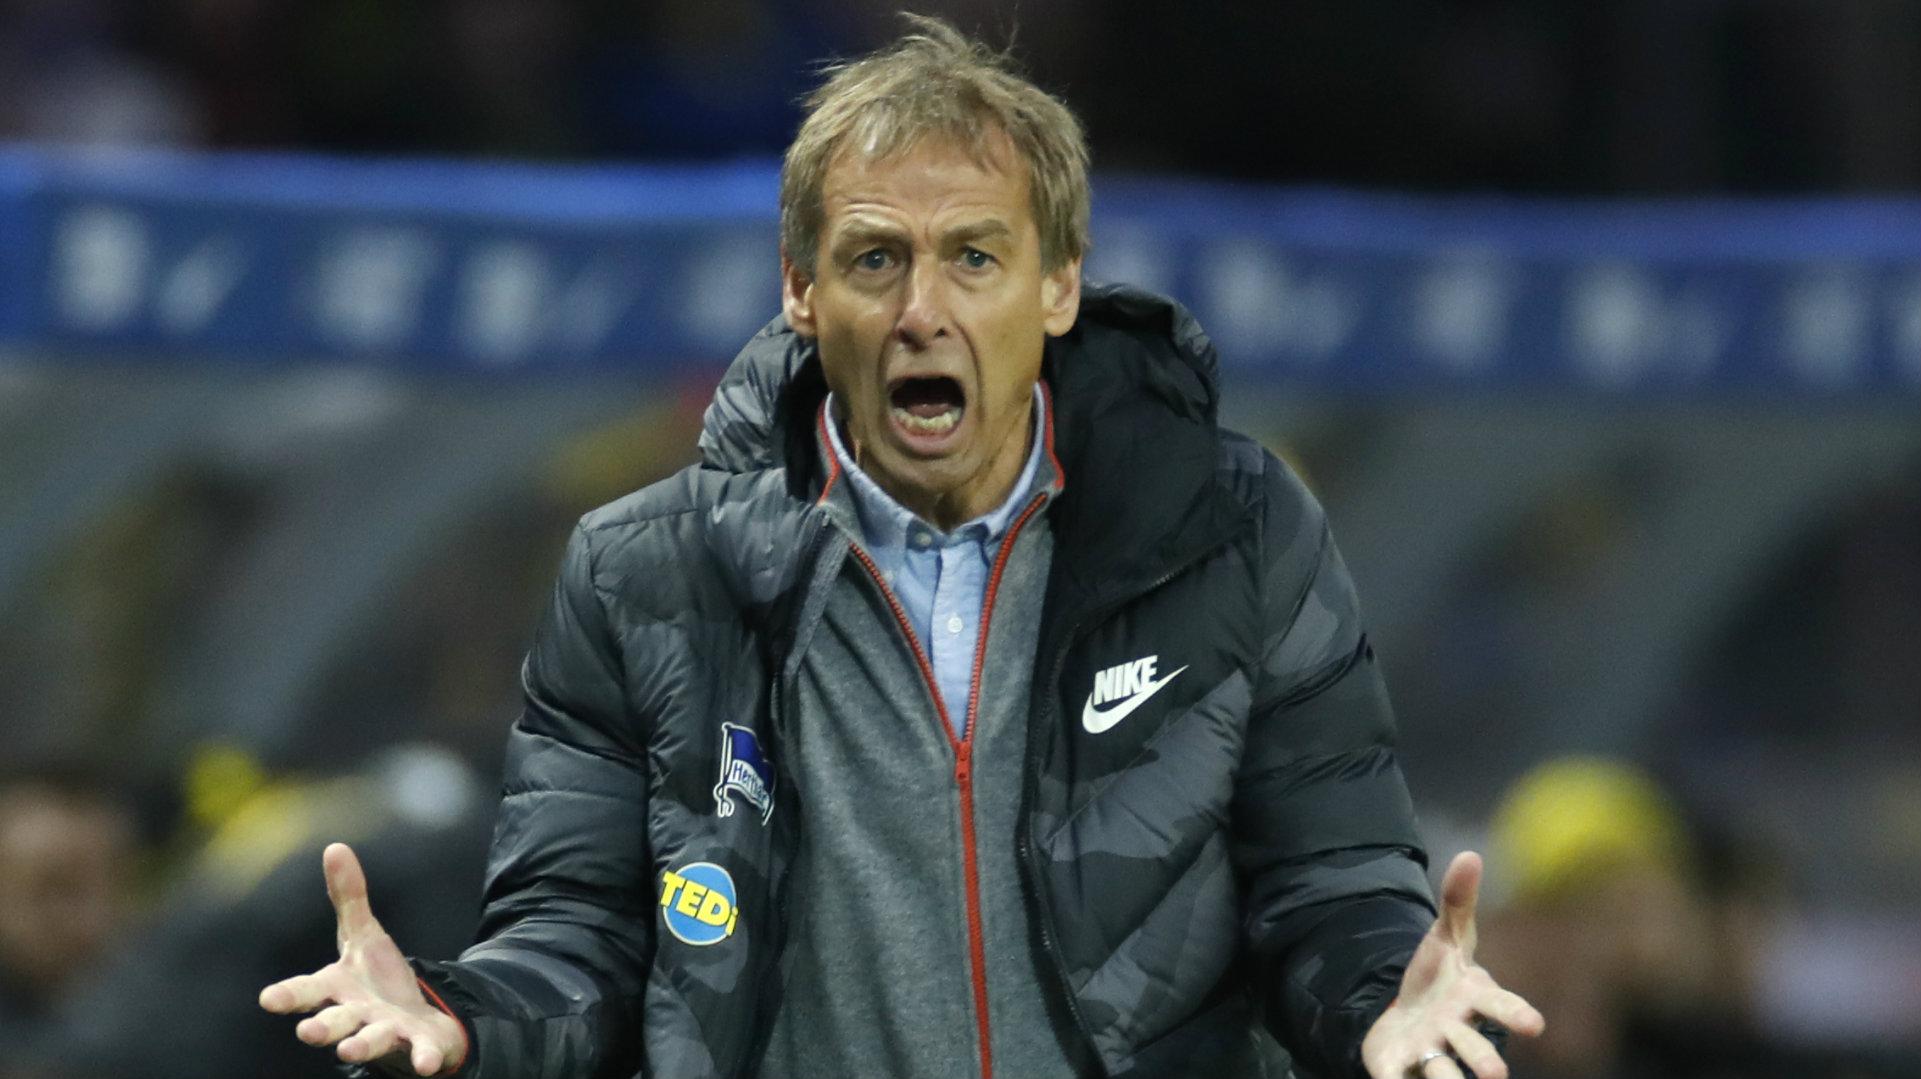 ผลการค้นหารูปภาพสำหรับ Klinsmann